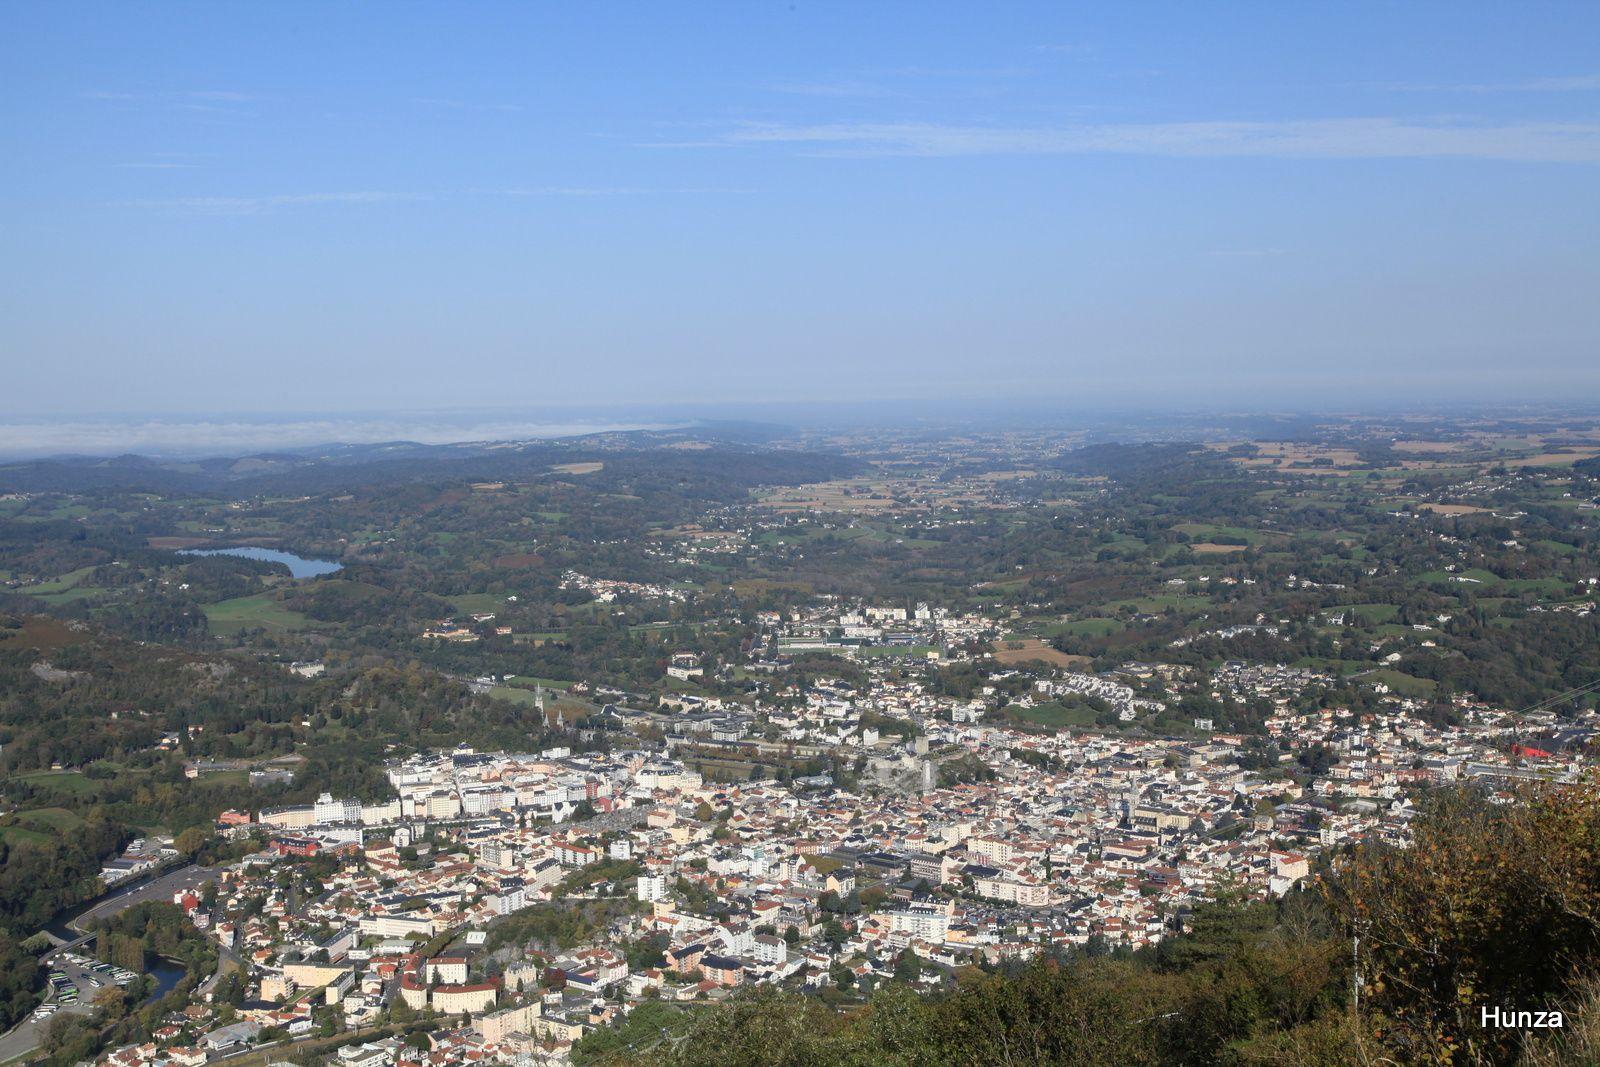 La ville de Lourdes vue depuis le pic du Jer